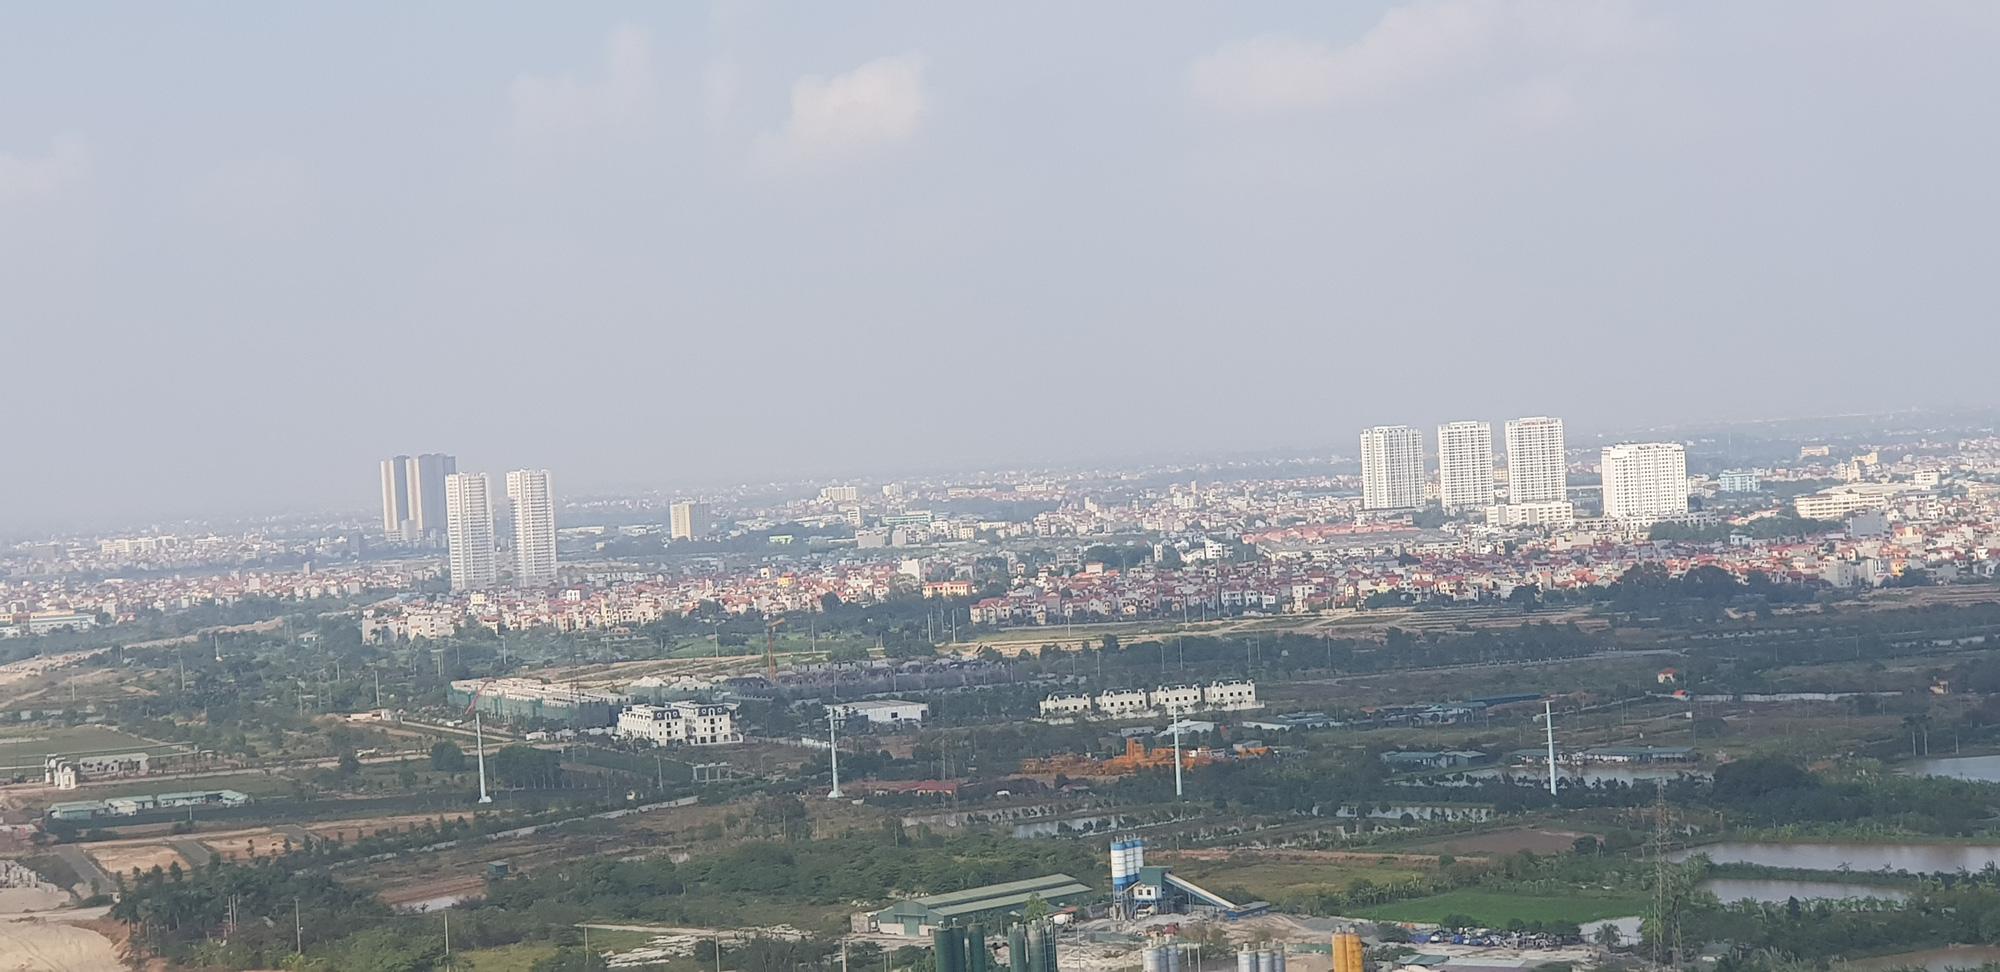 Năm 2020 huyện Hoài Đức thành quận: Liền kề, biệt thự HUD Vân Canh giá vài tỉ đồng để hoang, đón qui hoạch?  - Ảnh 1.